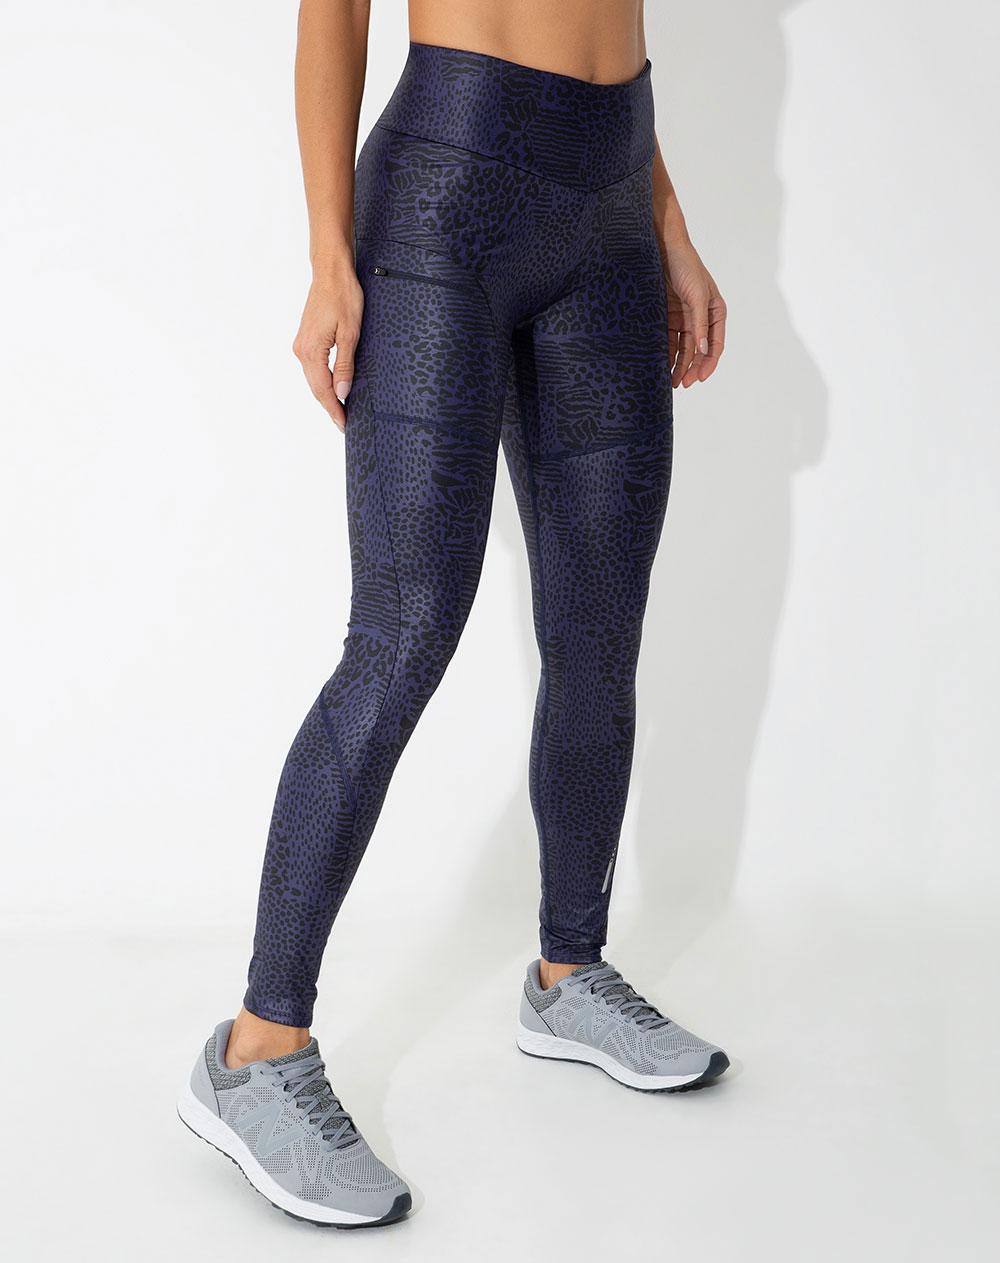 nueva estilos b76cf 37cd3 Pantalón de Mujer Zip Azul Oscuro Cortes Ergonómicos Punto ...